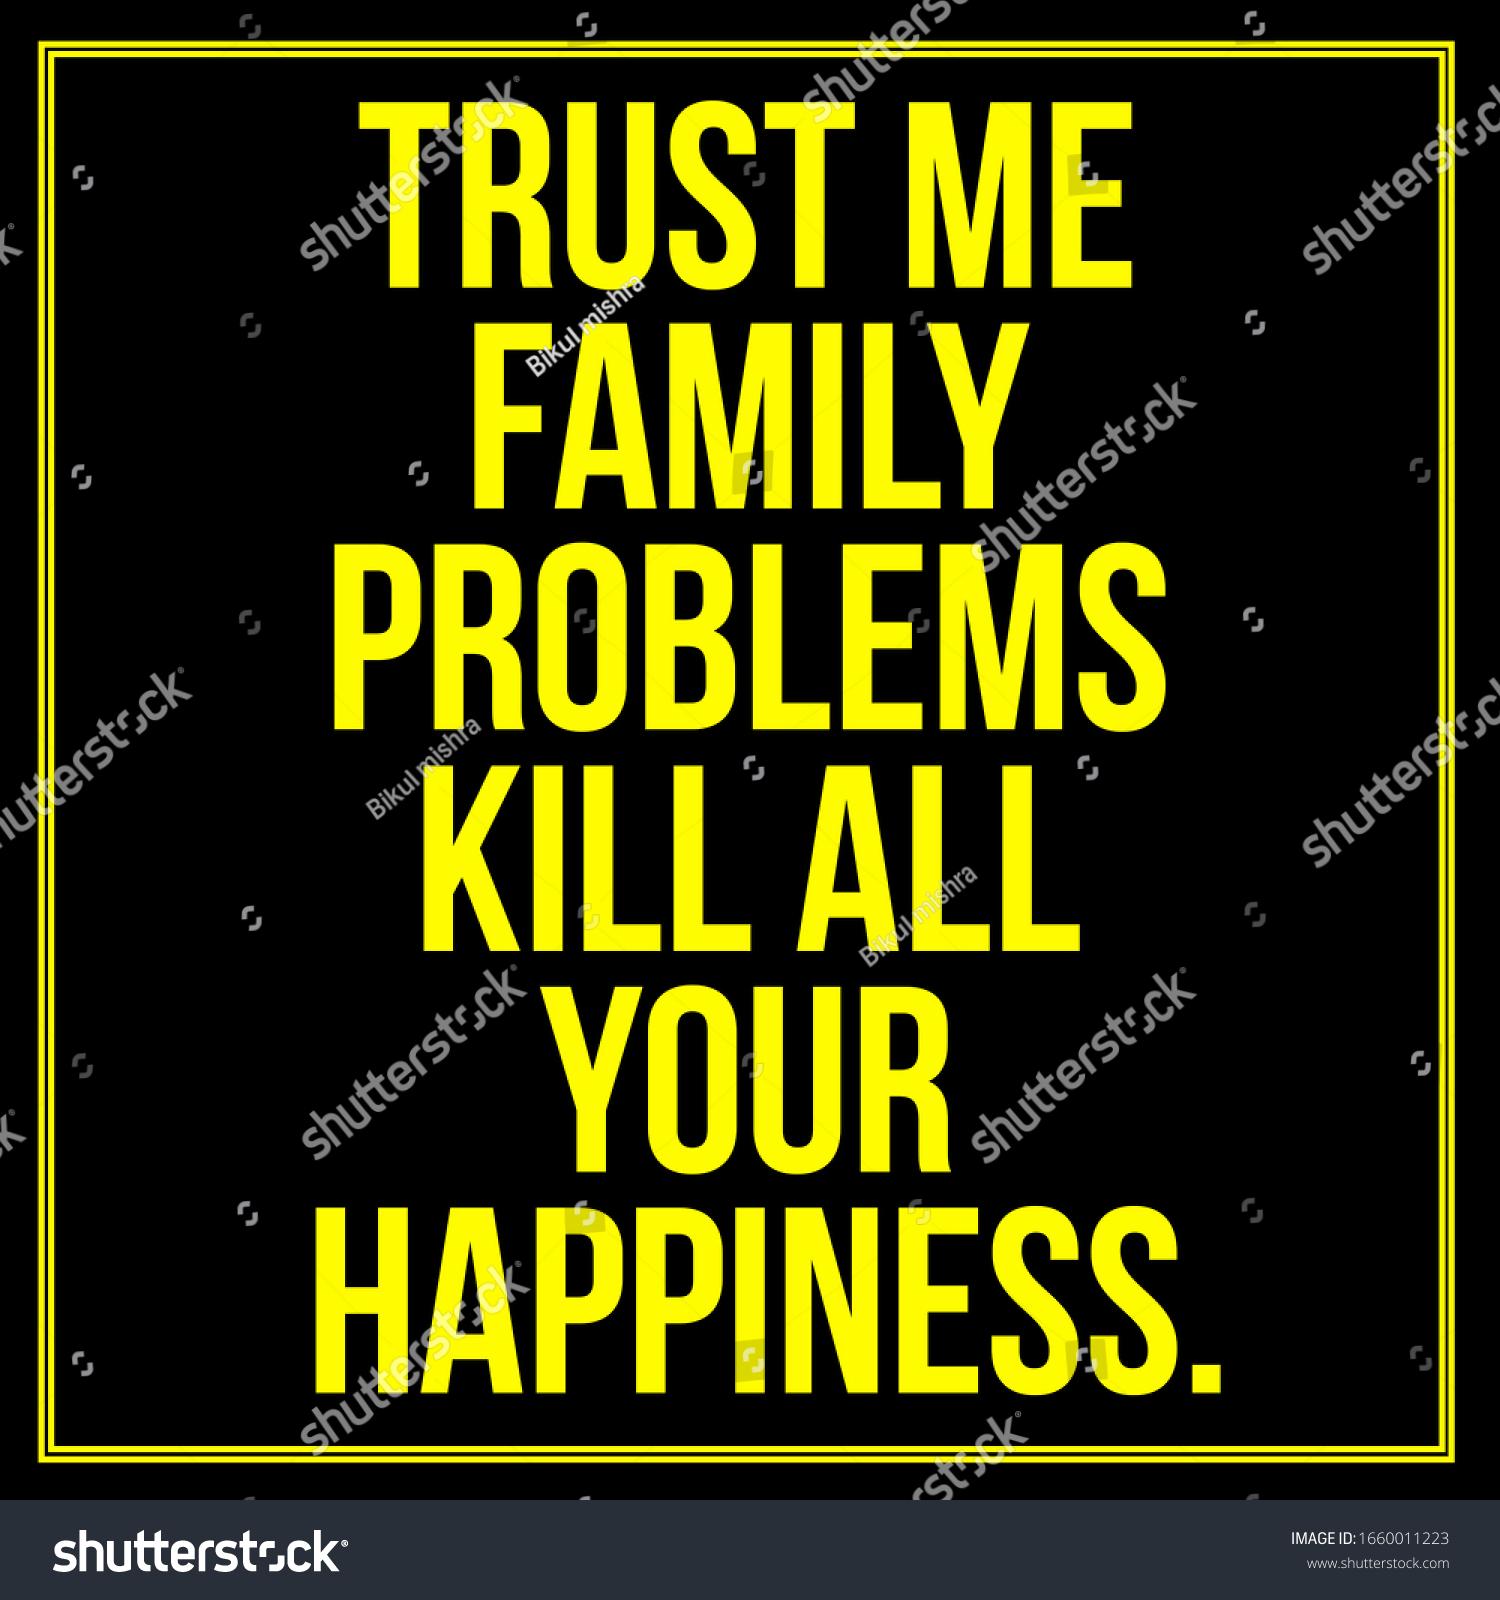 Inspirationsquote Vertraue Mir Dass Familienprobleme Dein Stockillustration 1660011223